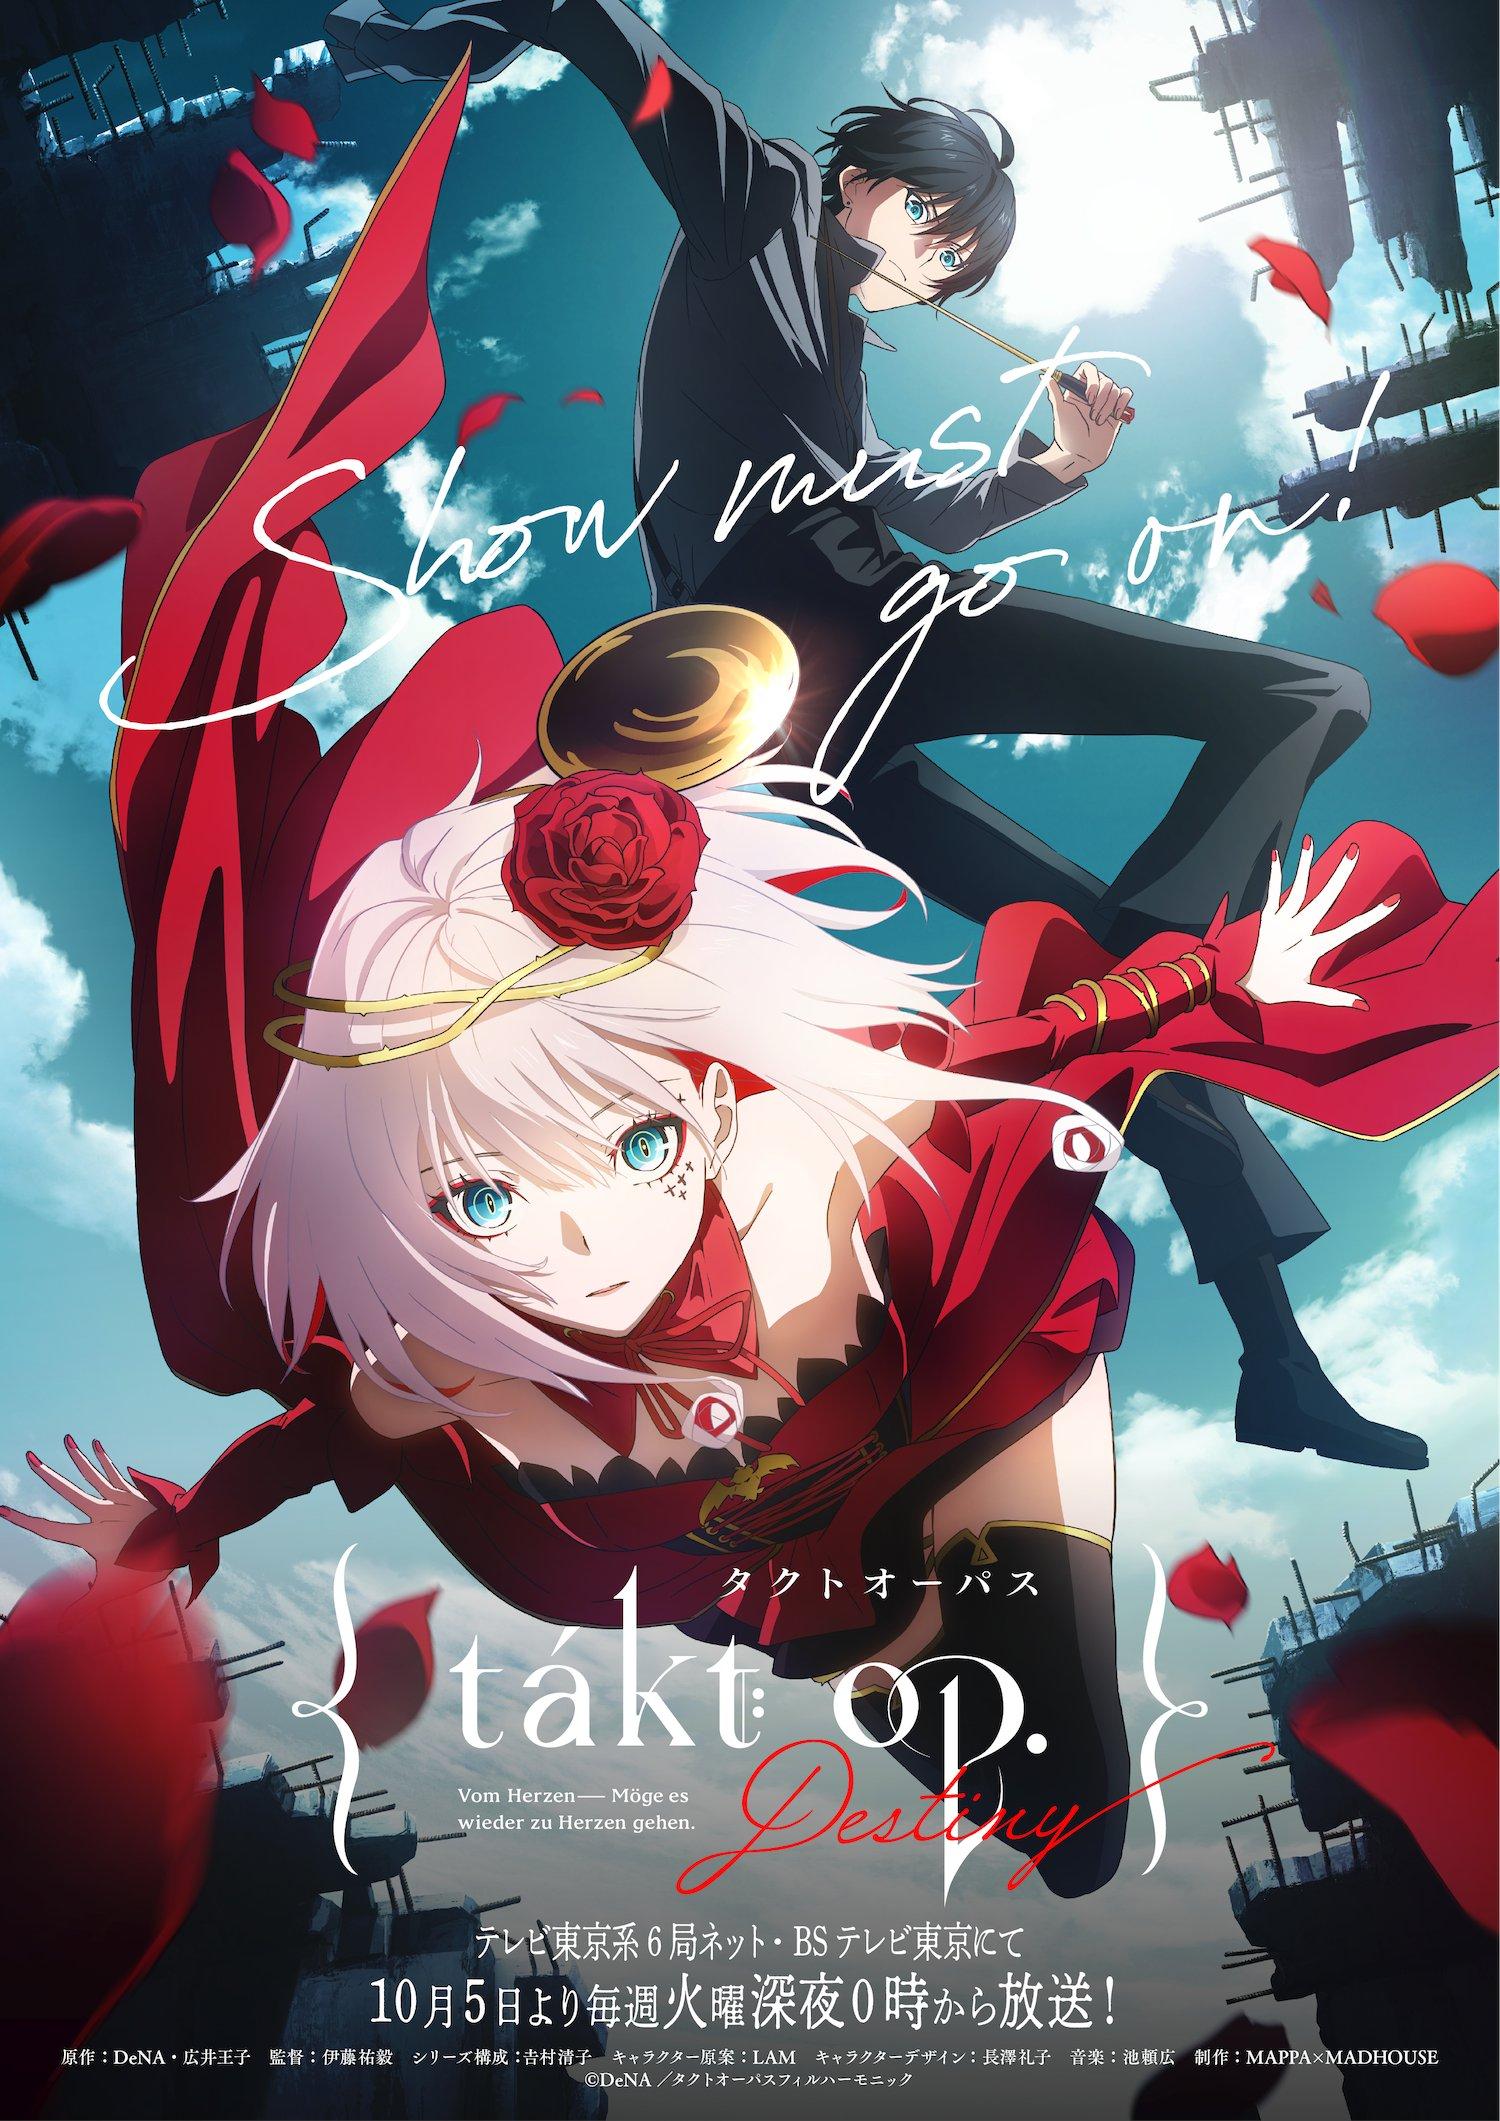 Takt Op. Destiny -タクトオーパス, Hepburn : Takuto Oopasu